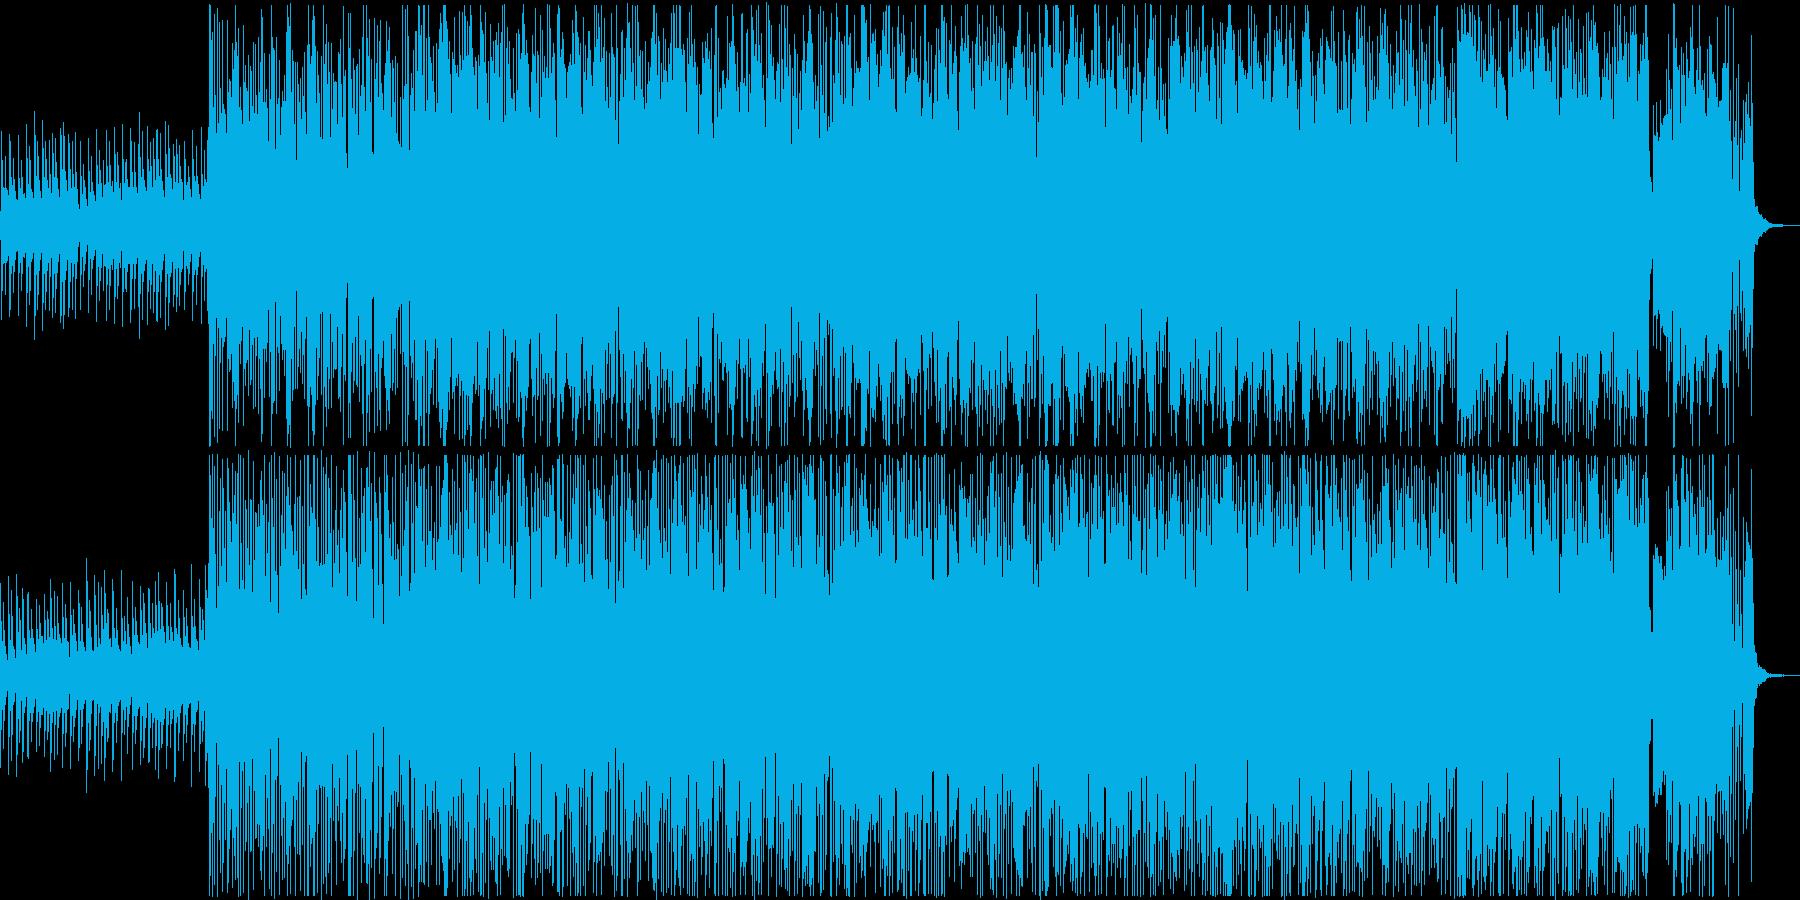 水中をイメージした幻想的な女性コーラス曲の再生済みの波形